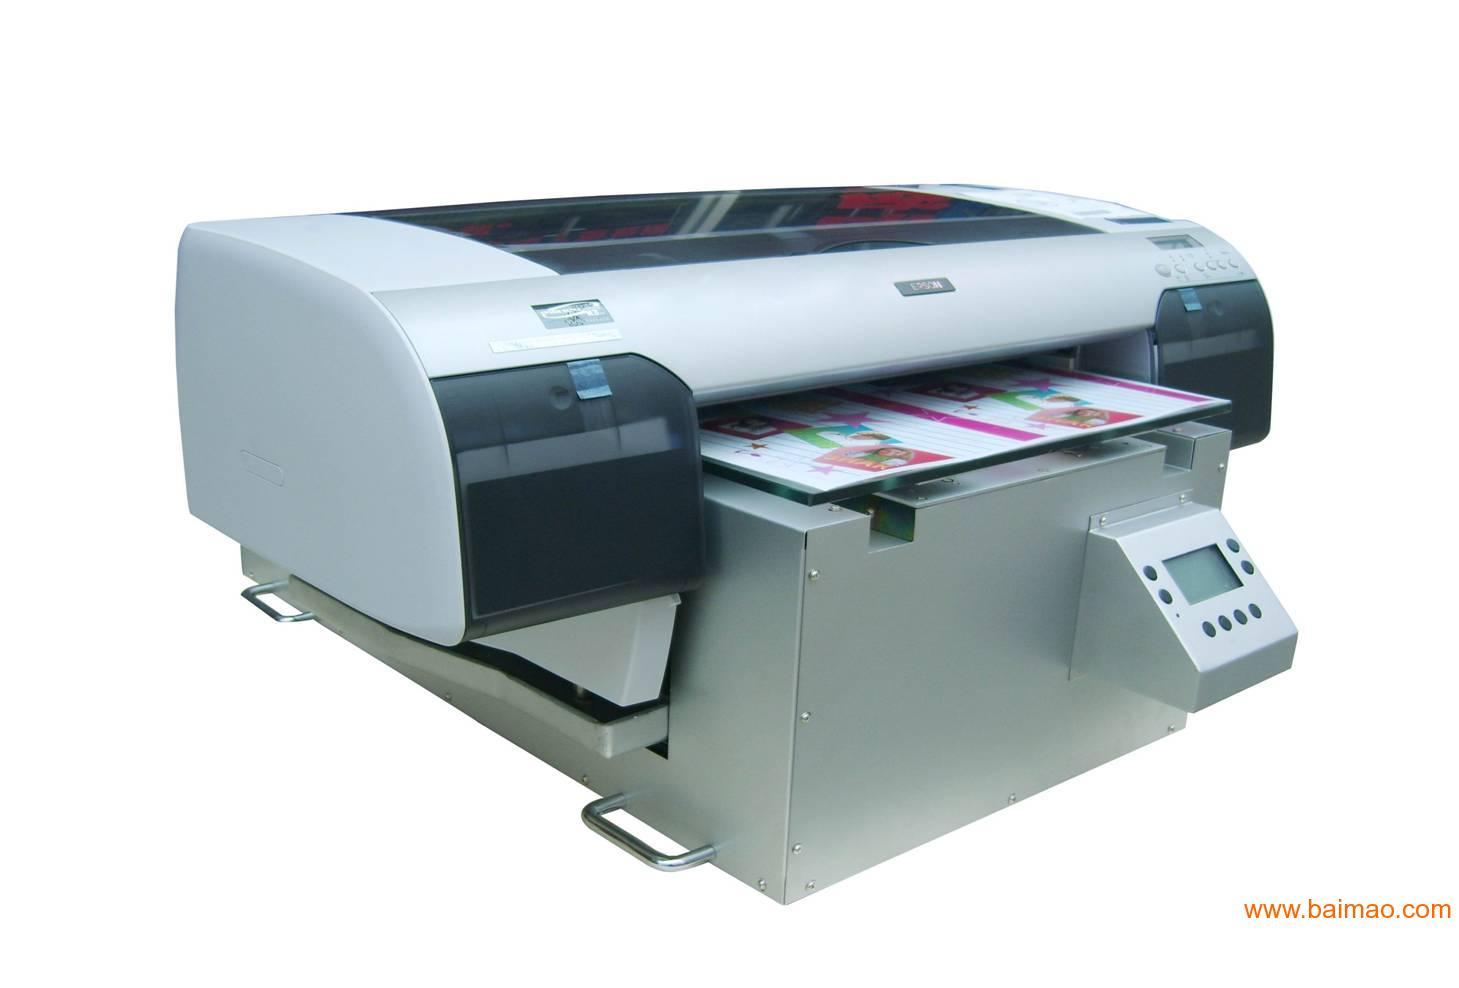 POM彩印机,产品印刷机,多功能打印机